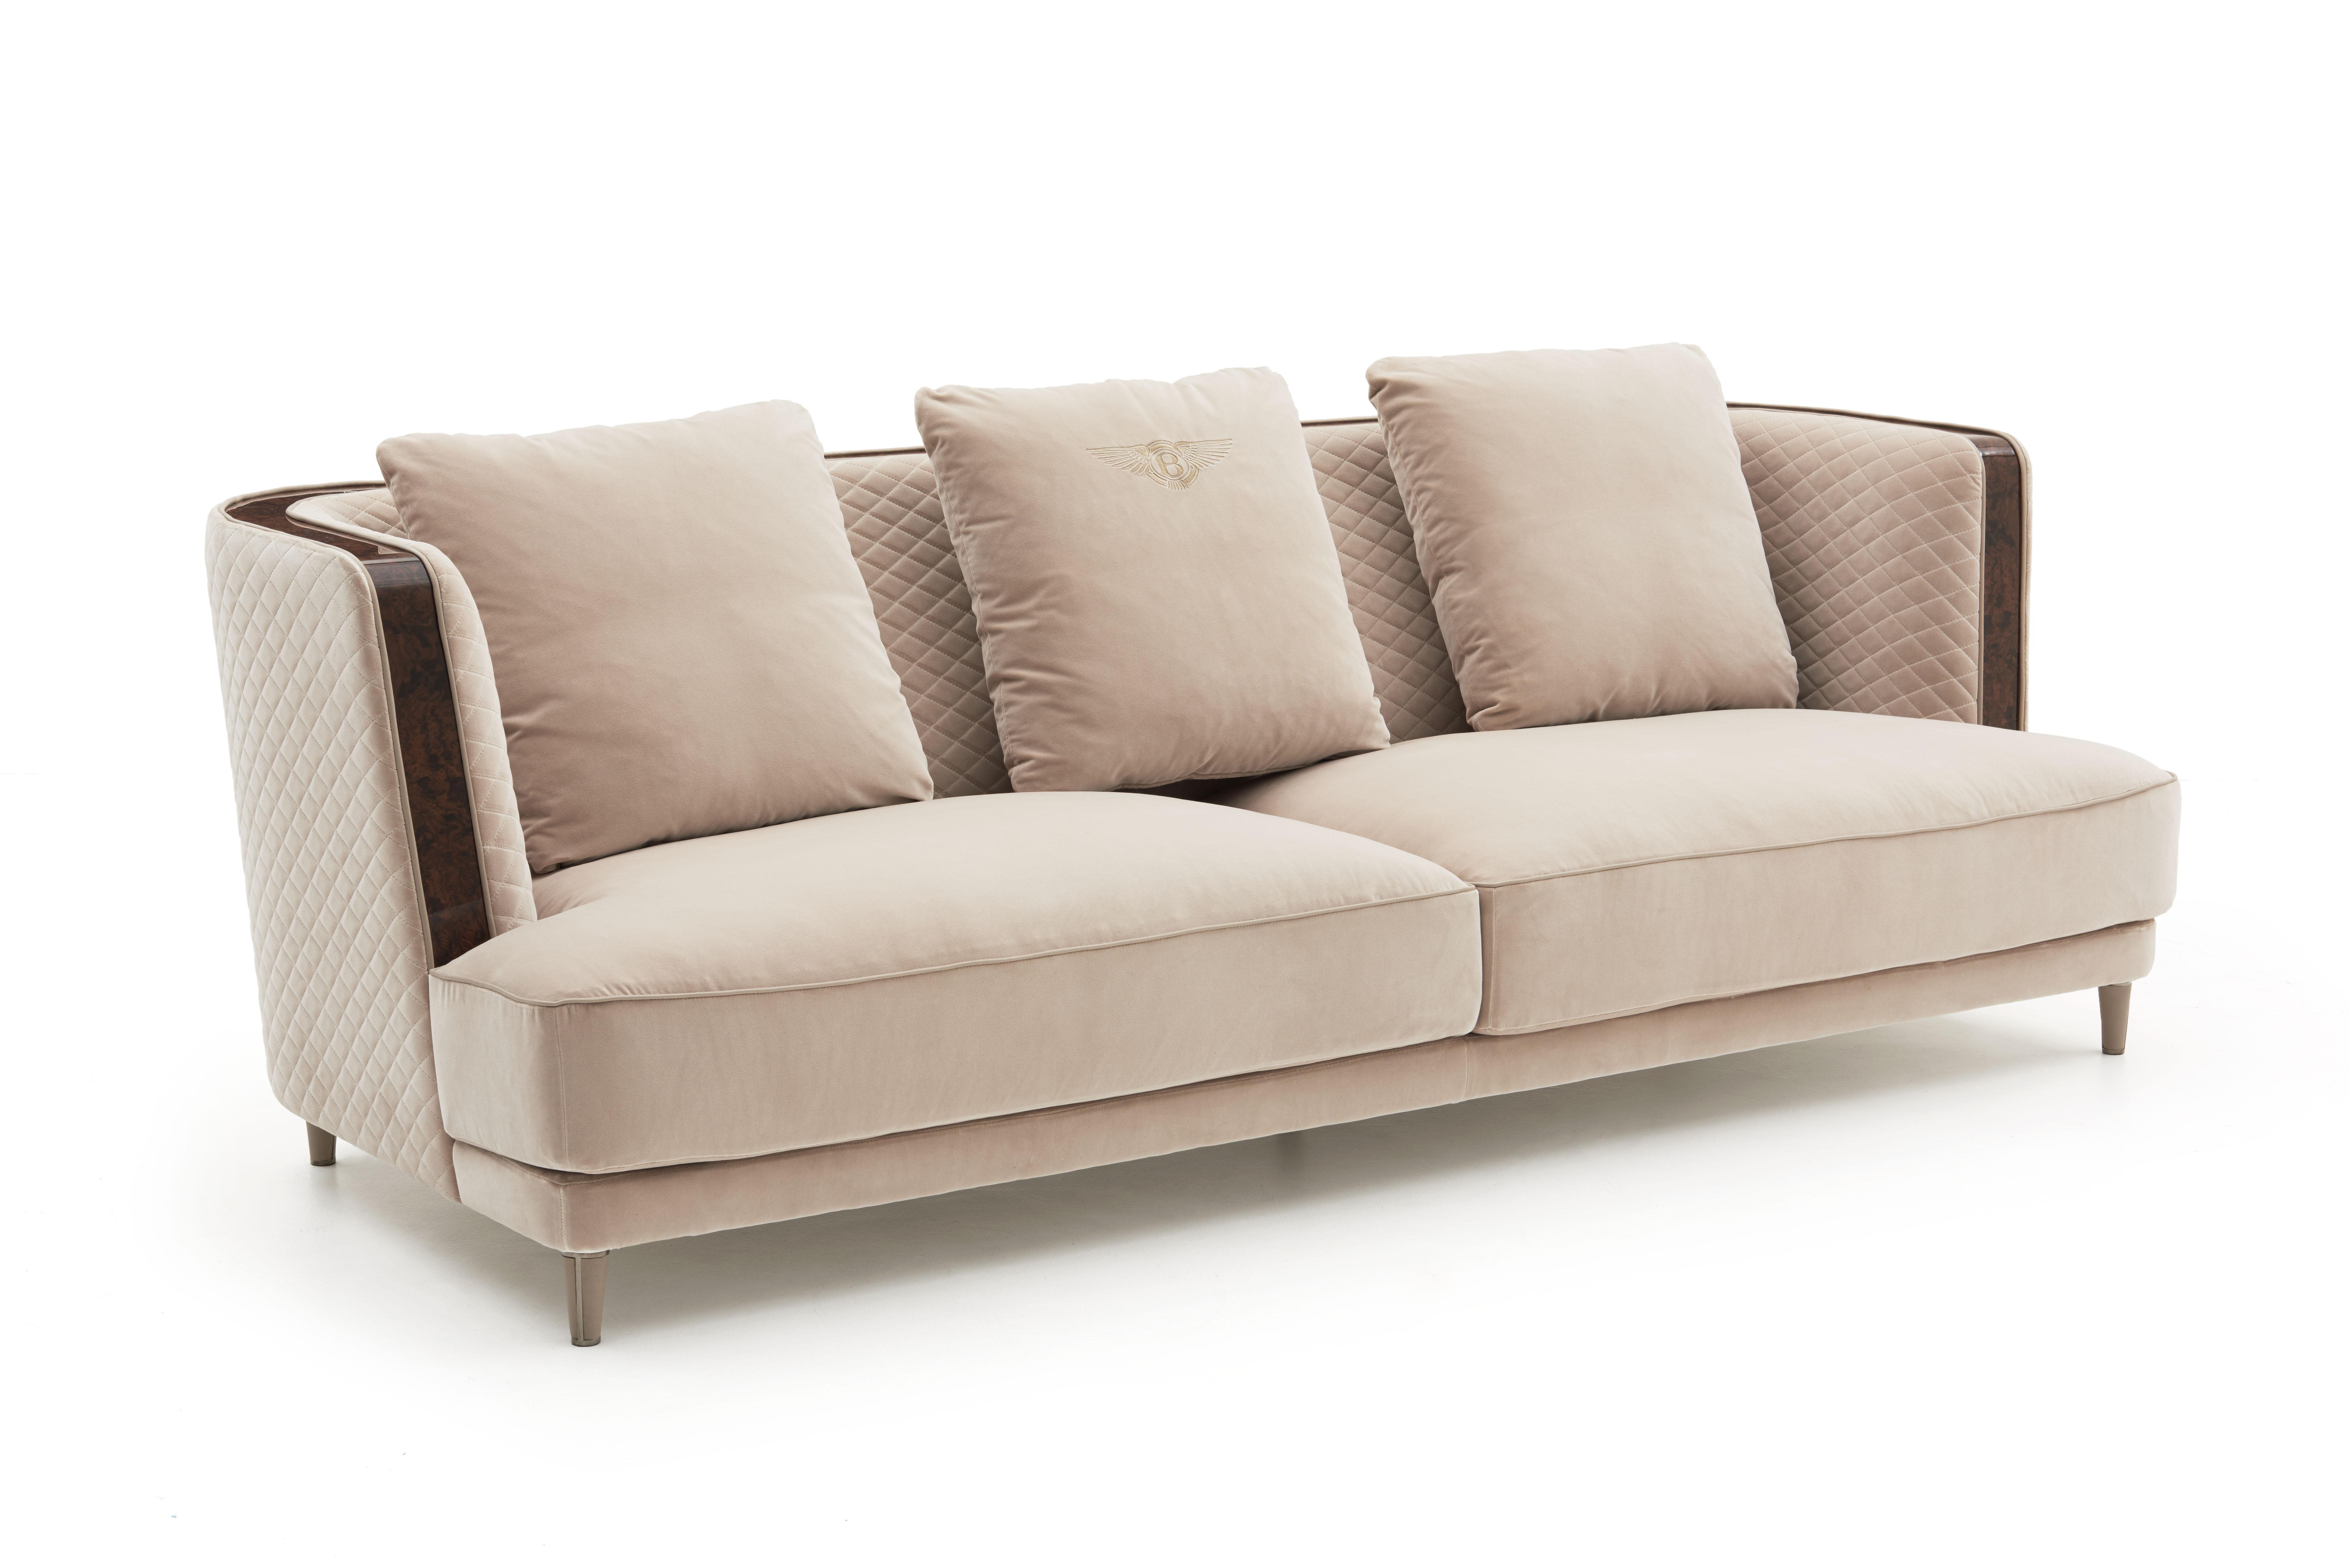 Bentley Home Presents New Furniture